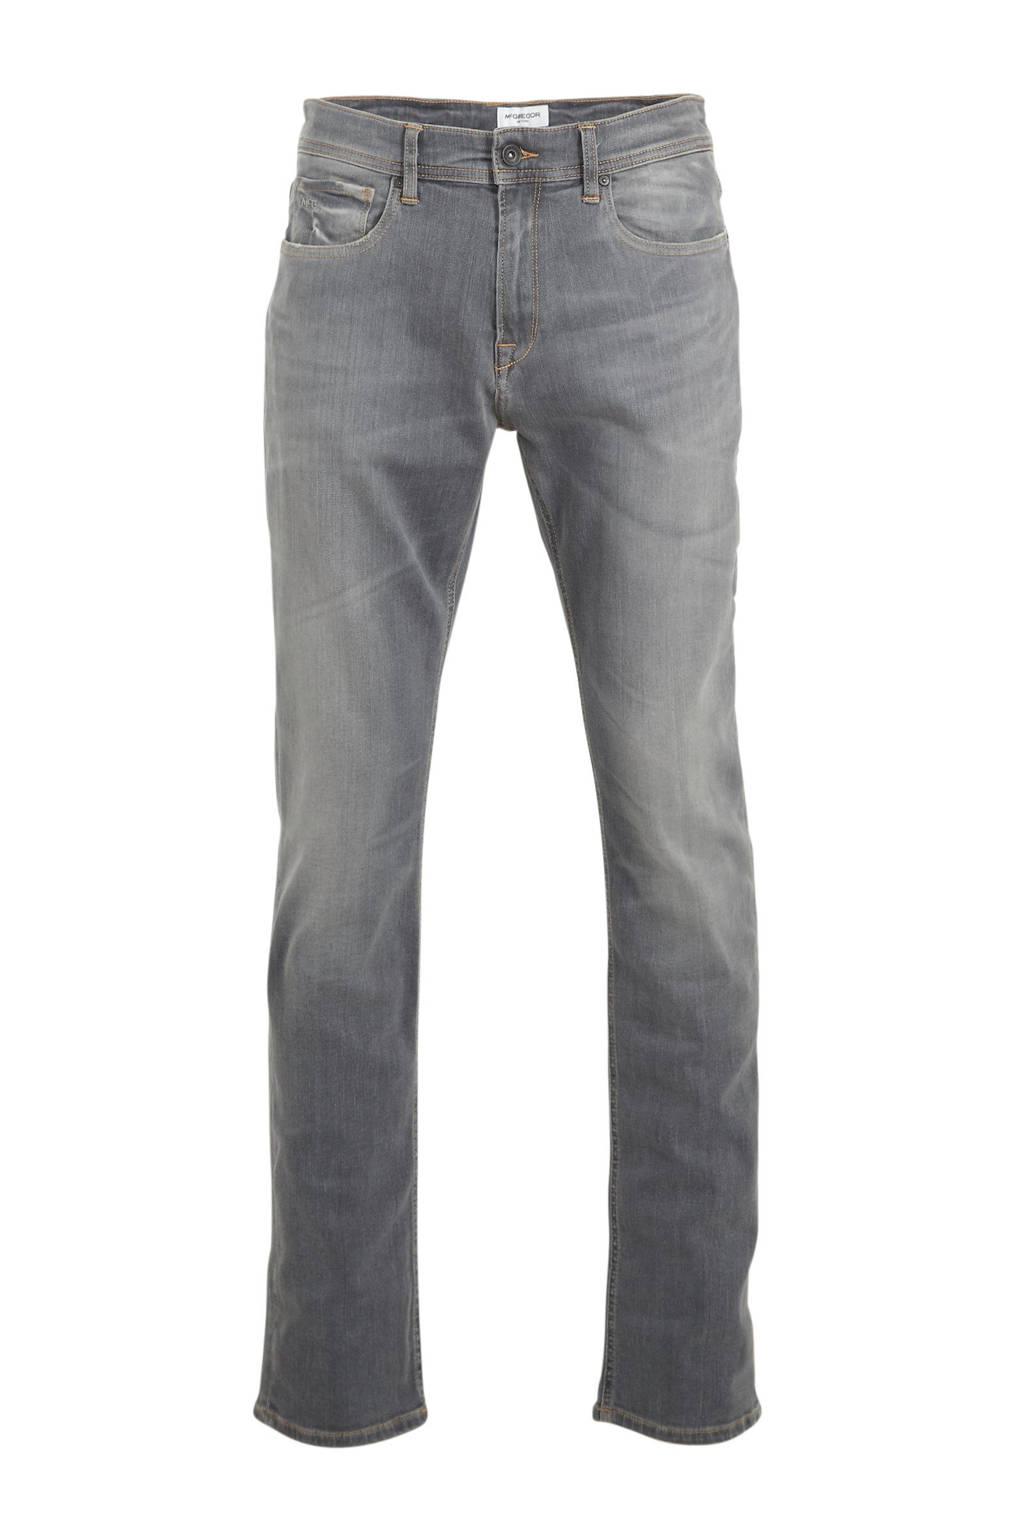 McGregor regular fit jeans denim mid grey wash, Denim mid grey wash